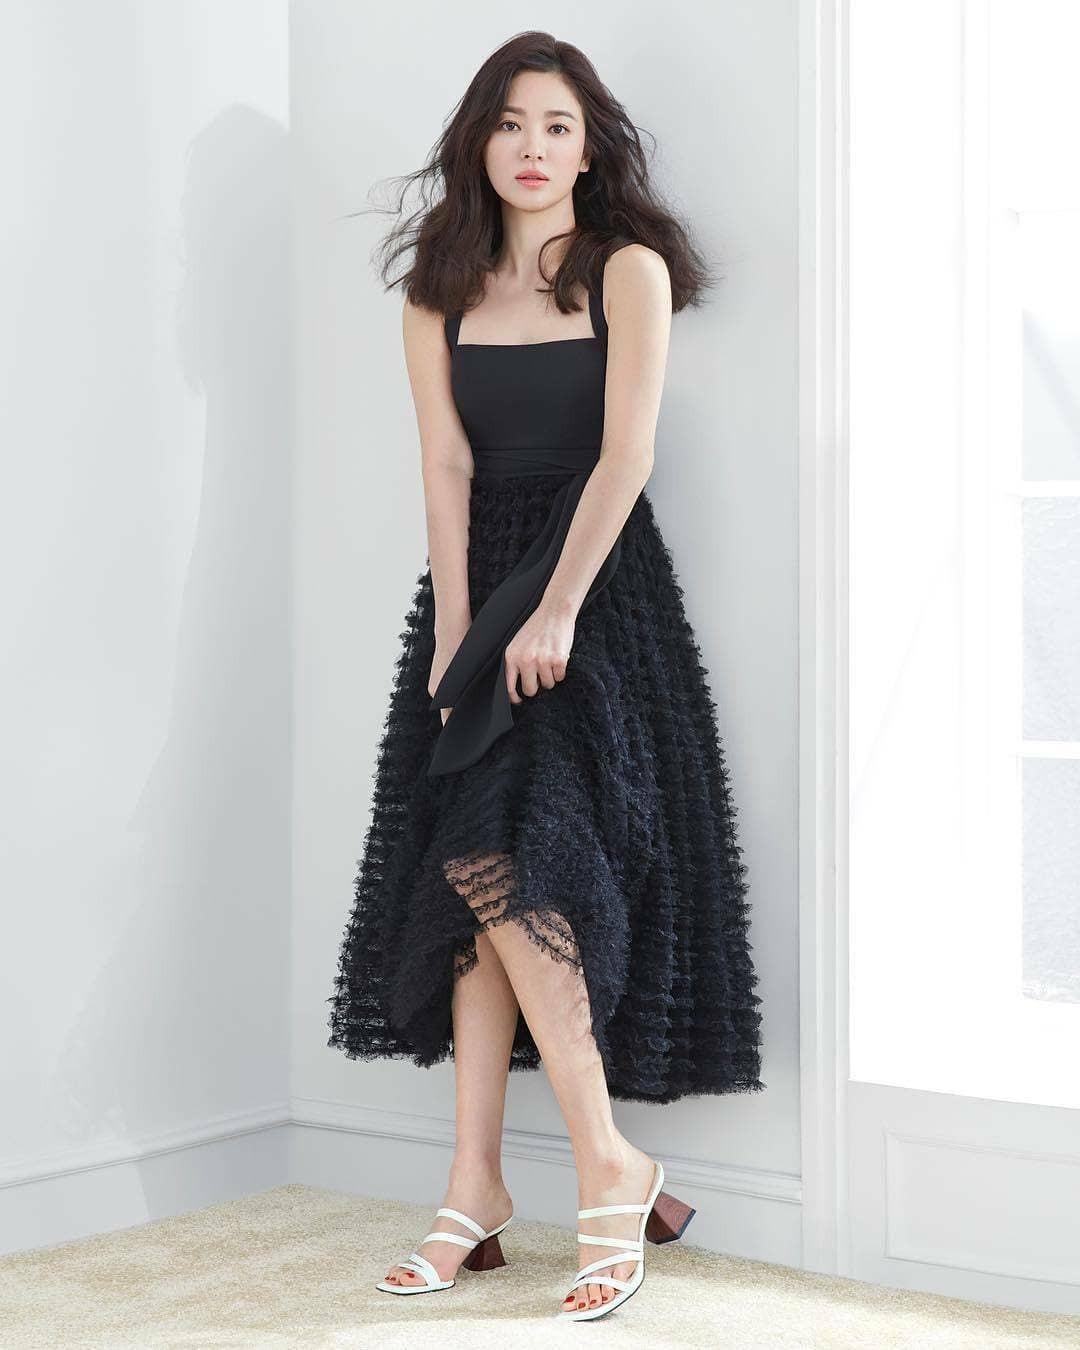 Vừa bị chê già, Song Hye Kyo dập lại bằng bộ ảnh tạp chí gây ngỡ ngàng: 38 tuổi mà trẻ đẹp, body nuột như gái 20 - Ảnh 3.